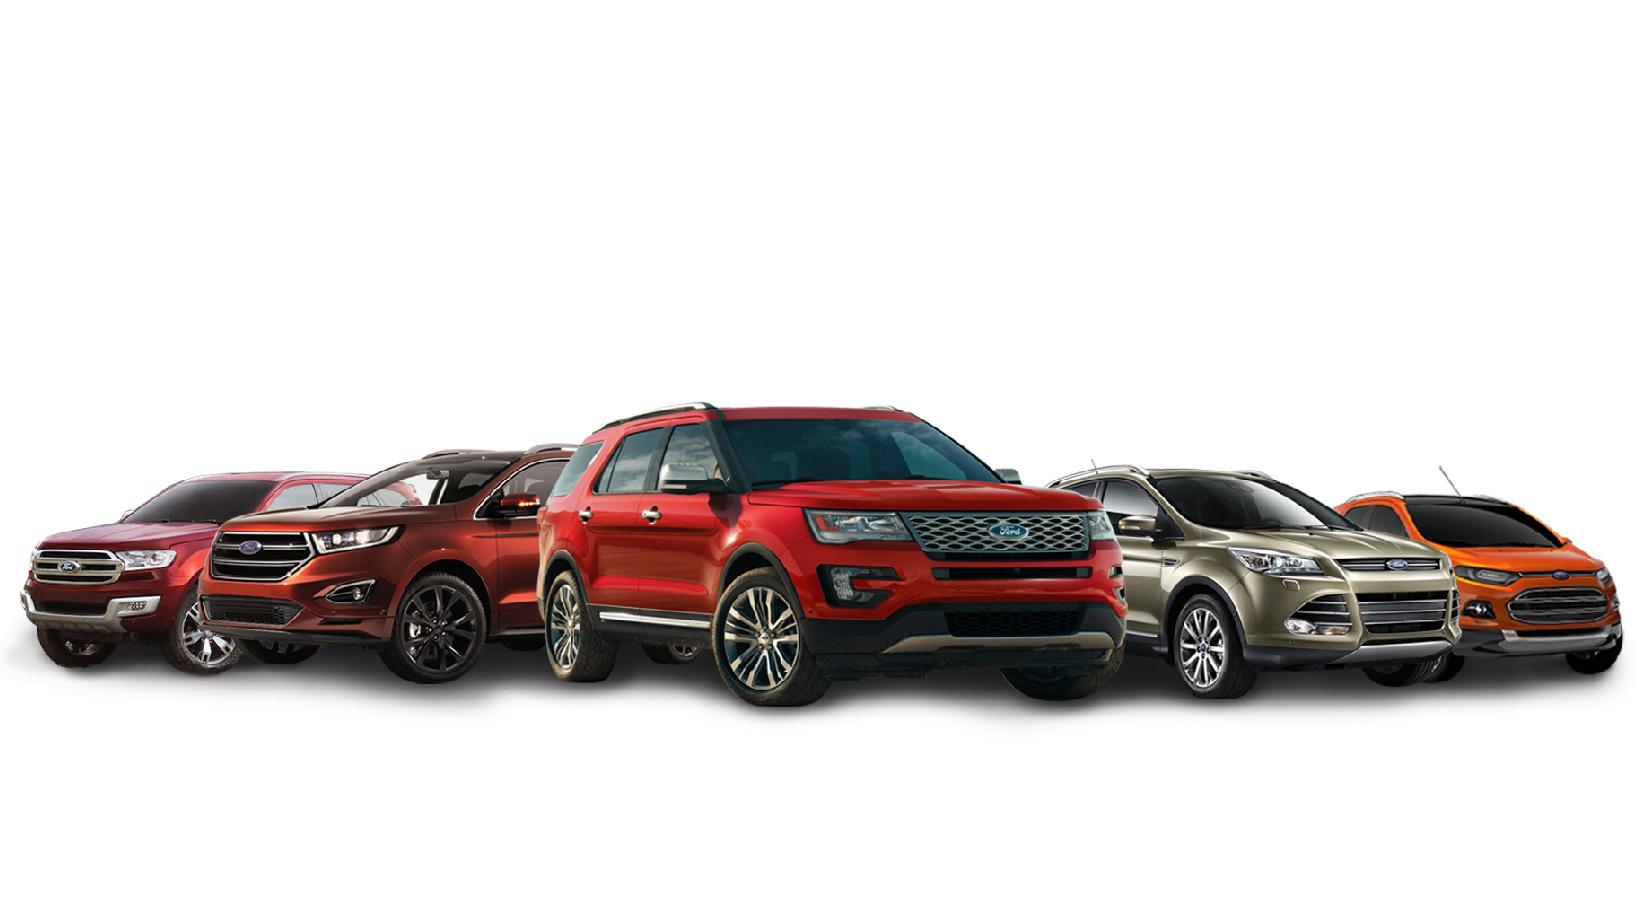 福特汽车目前在中国市场共推出5款suv产品